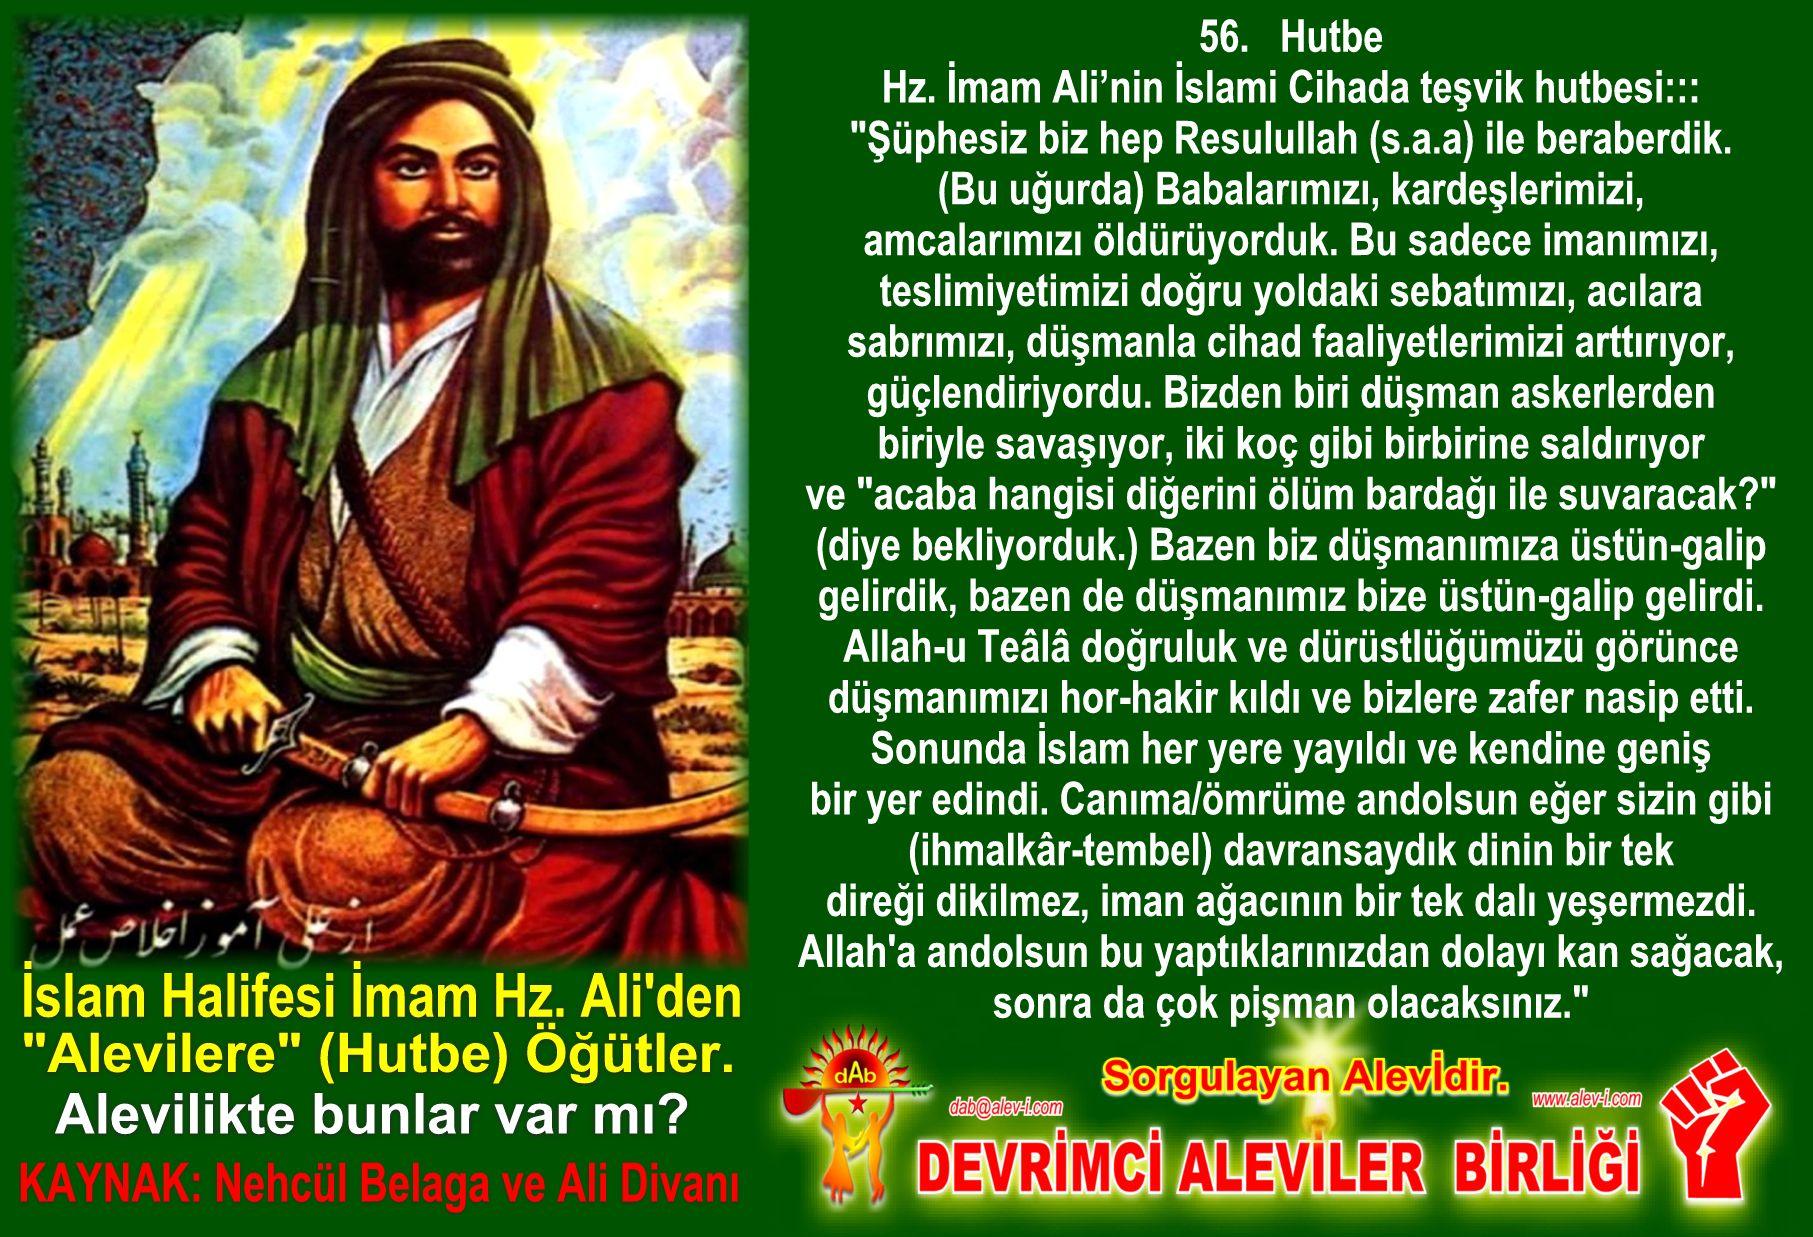 12 Hz imam Ali divani Alevi bektasi kizilbas pir sultan cemevi cem semah devrimci aleviler birligi DAB Feramuz Sah Acar halife imam hz ali den hutbe ogut inciler 7